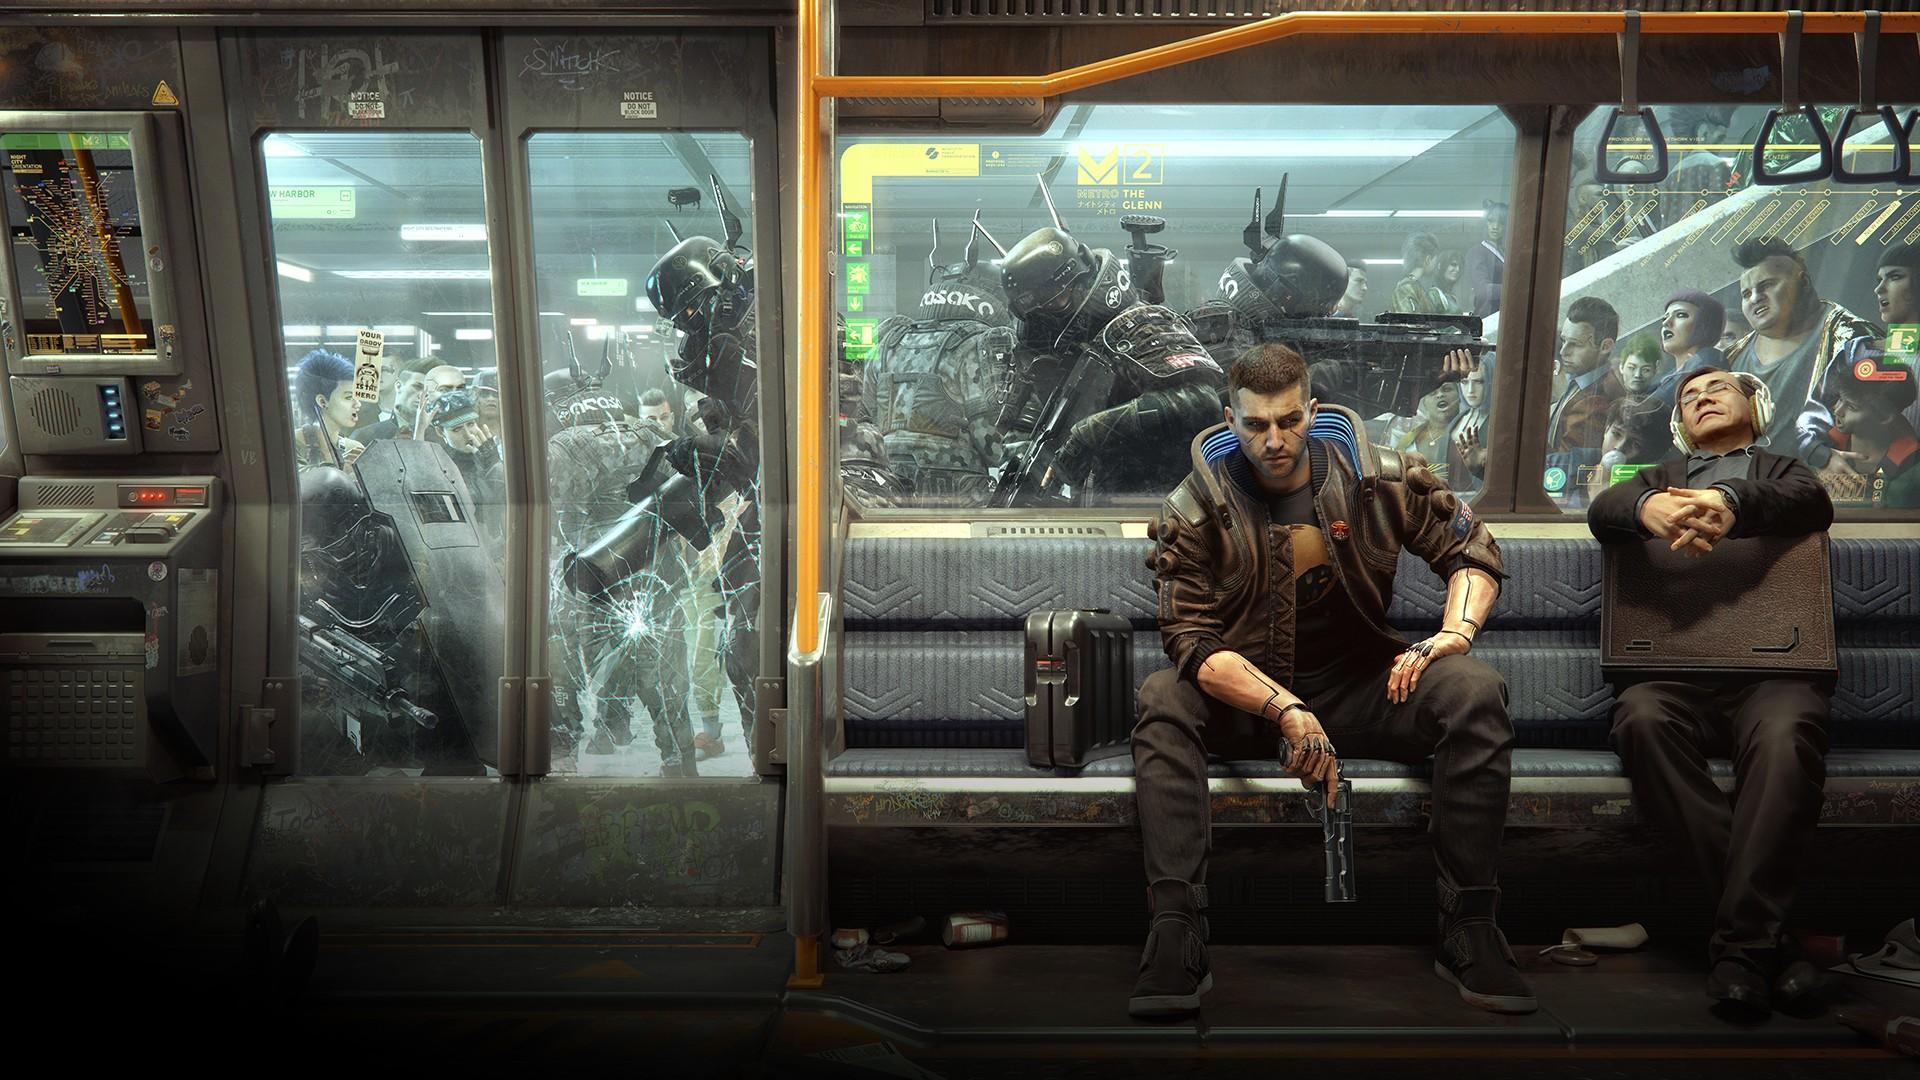 Cyberpunk 2077 Poster wallpaper for desktop